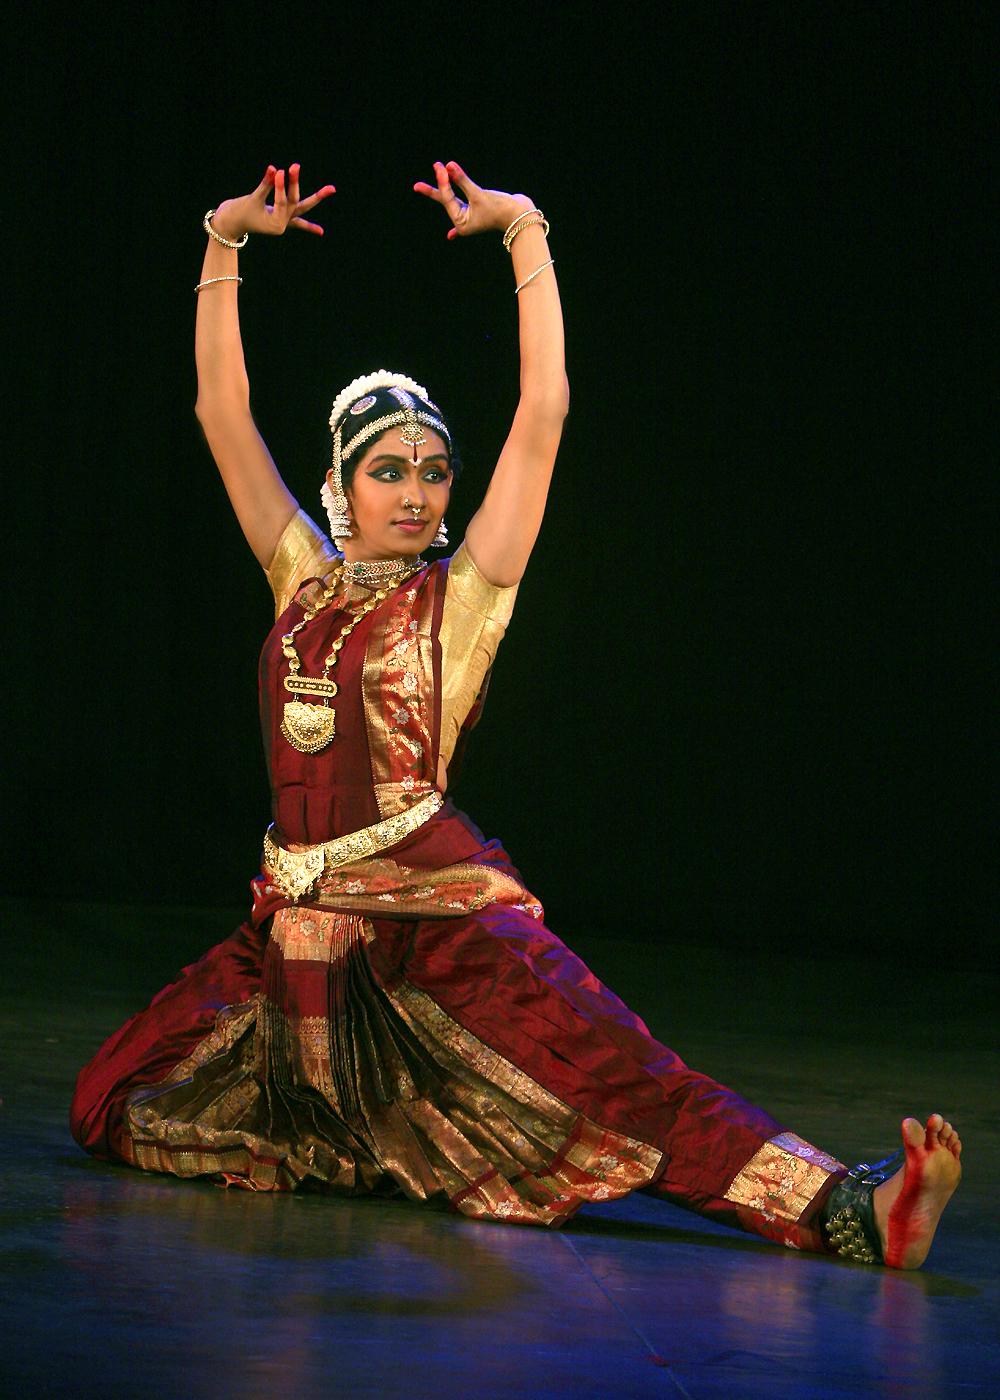 Ramya Ramnarayan, image by P N Srinivasan